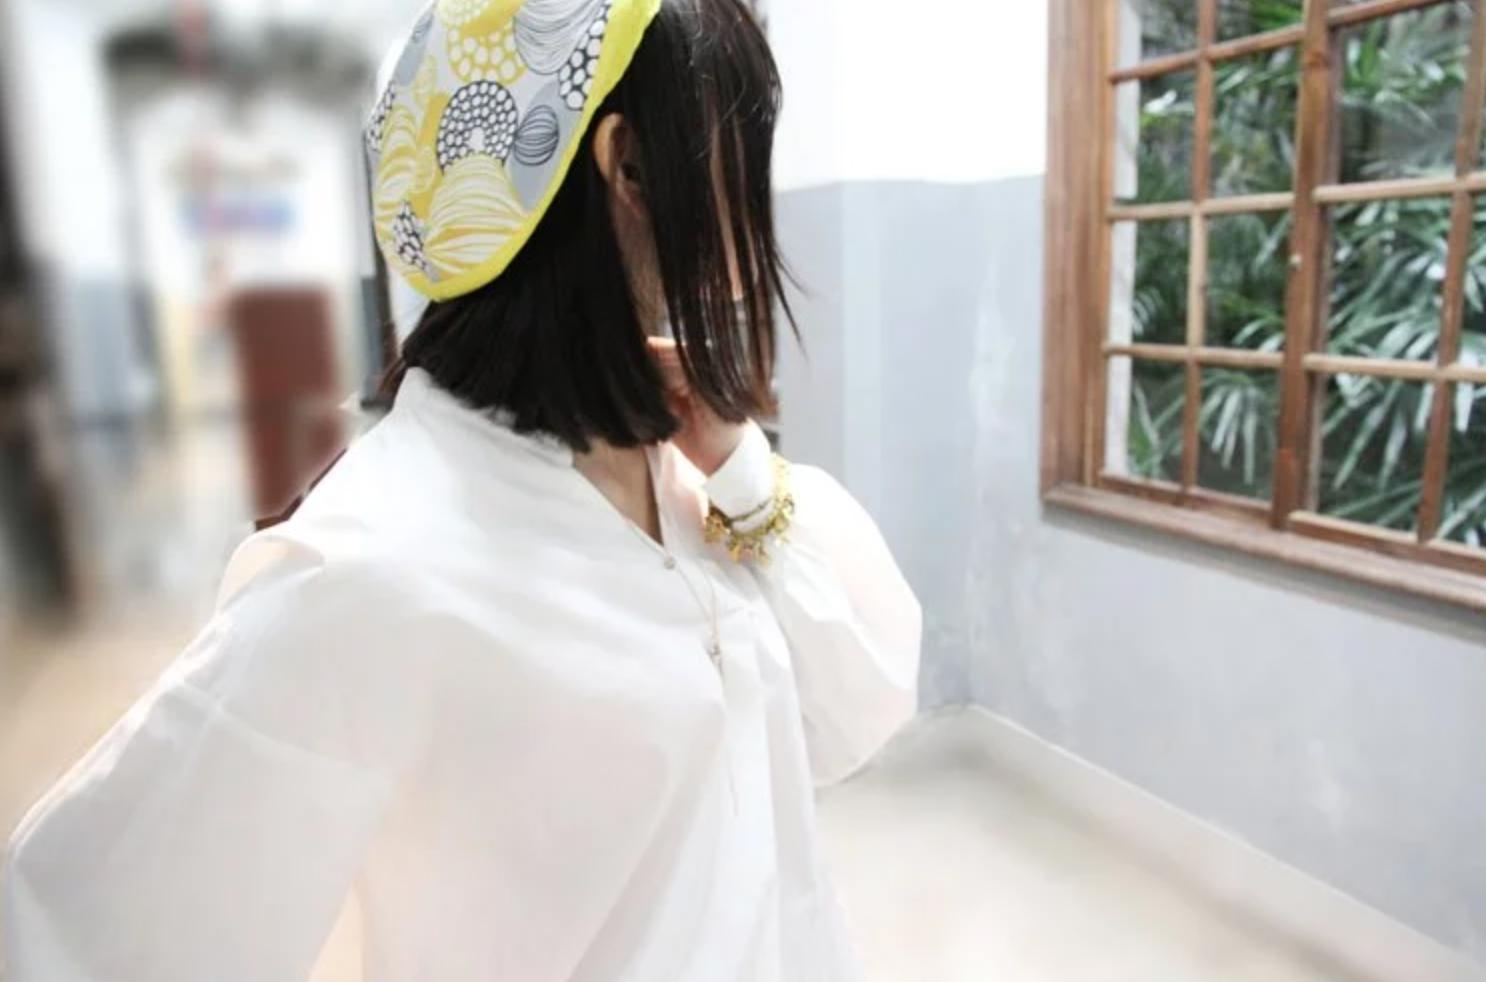 奇幻森林環保染織設計系列- 貝蕾帽/畫家帽